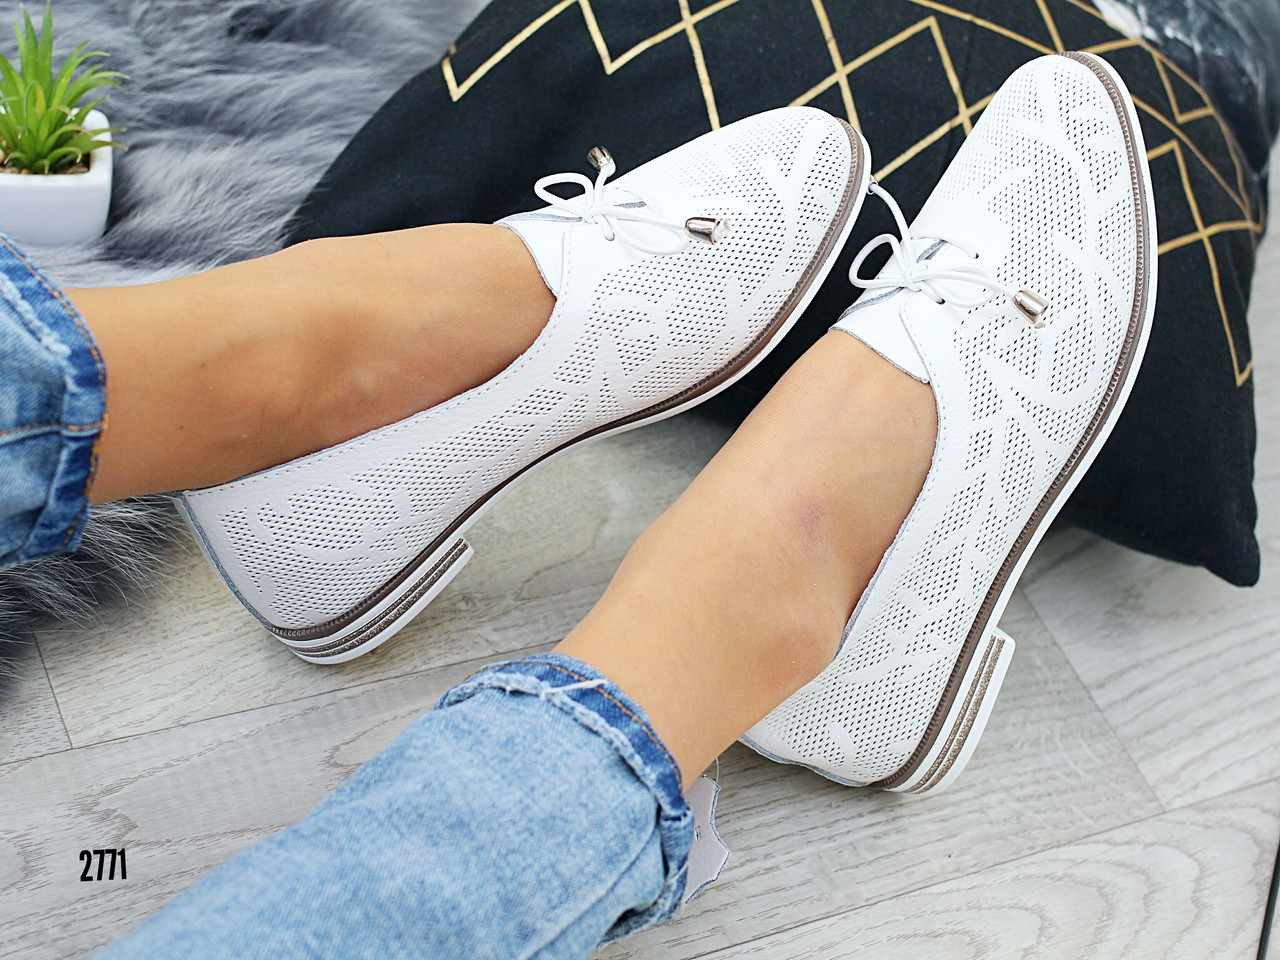 Женские нарядные туфли белые, кожаные